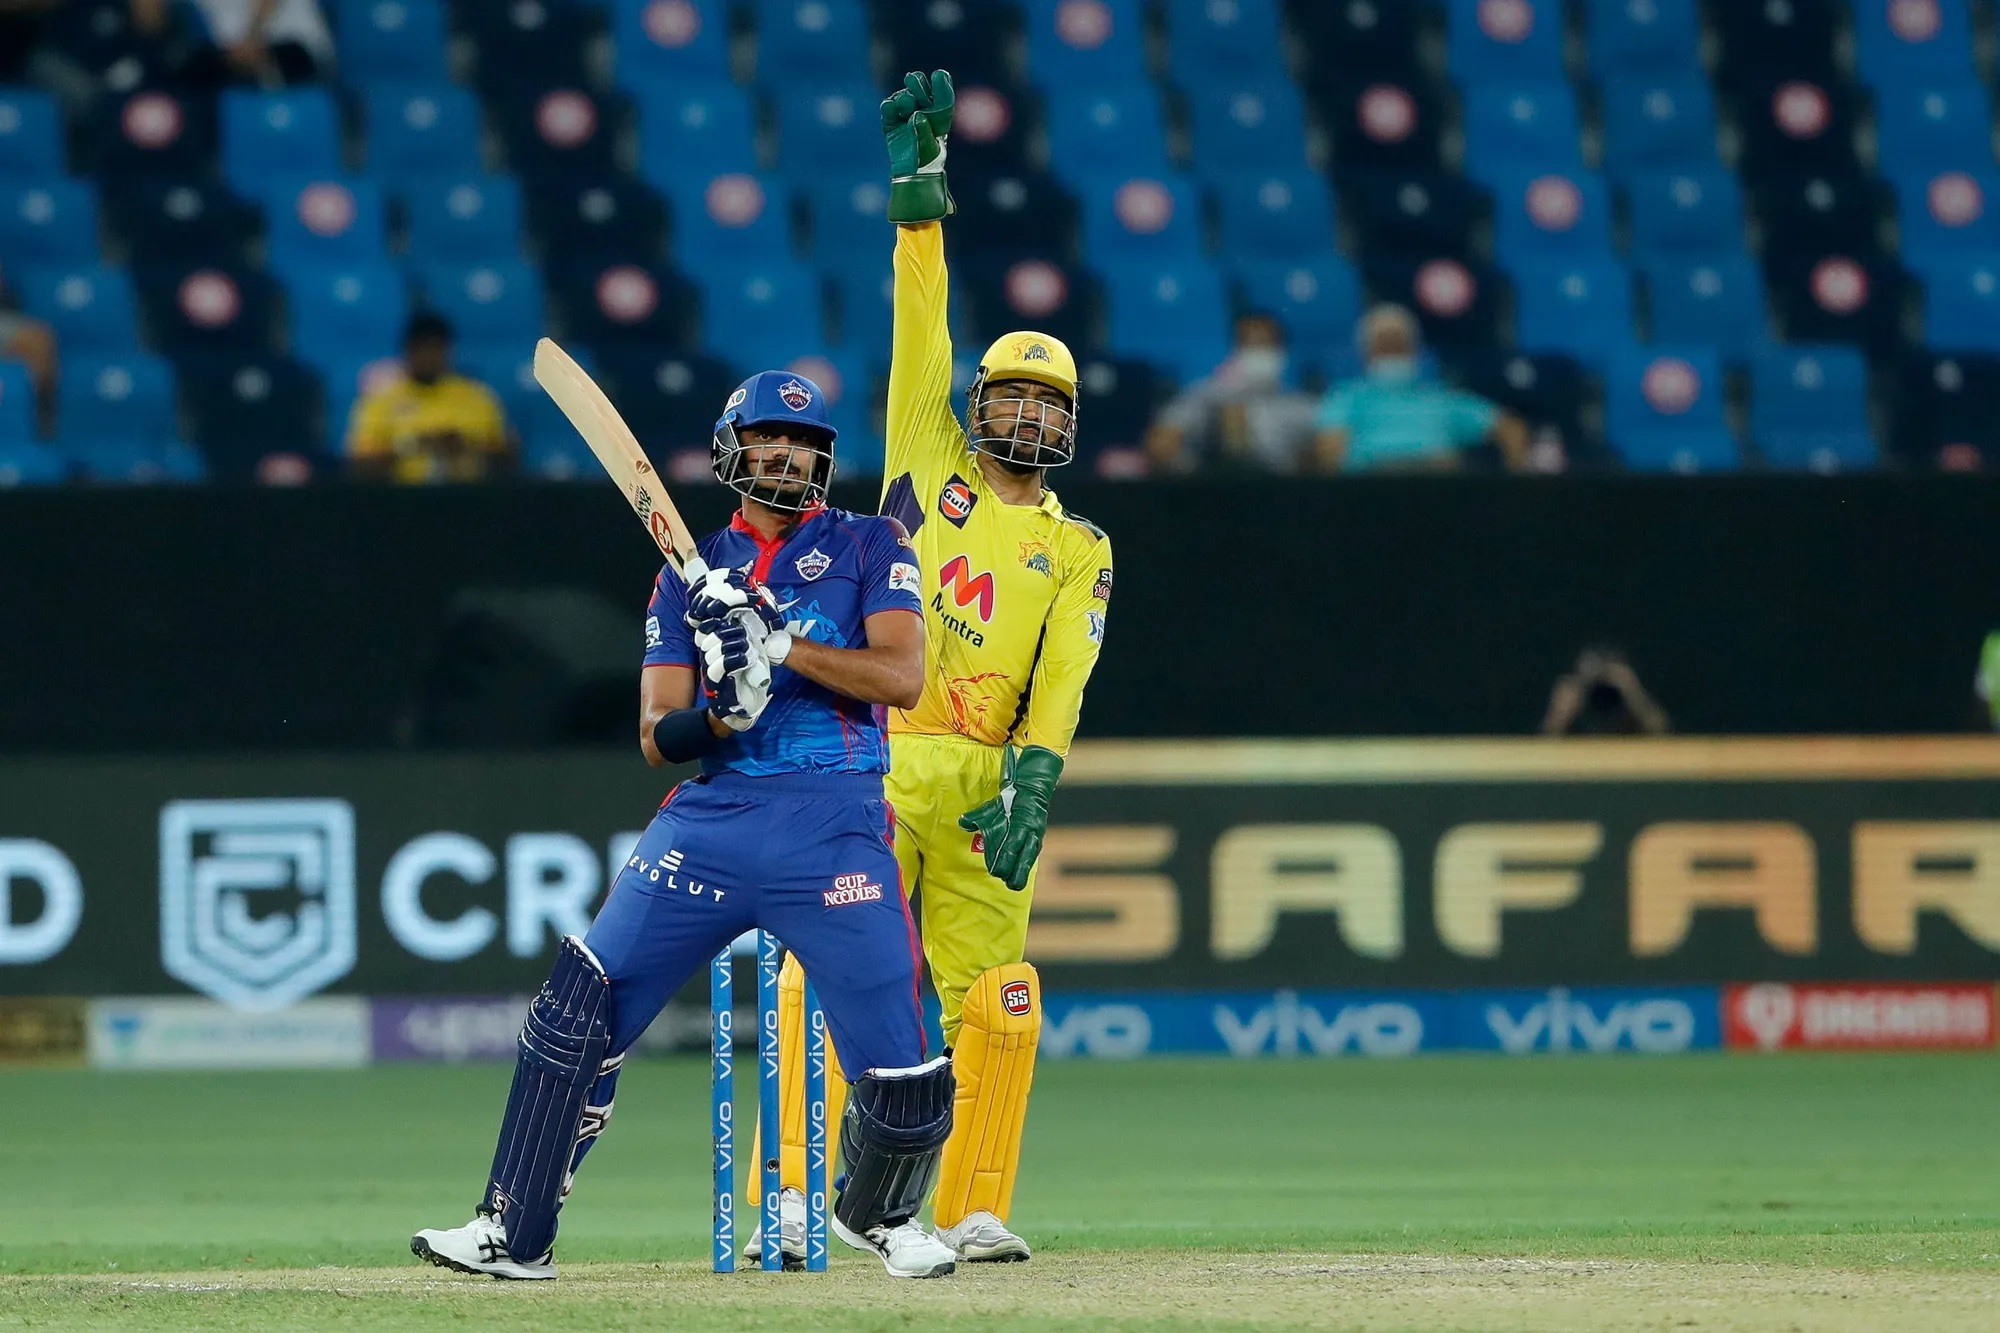 किसी बड़ी लीग के बड़े मैच में बतौर कप्तान ऋषभ पंत का ये पहला मैच था। इसमें उन्होंने साहसिक फैसले भी किए, लेकिन उनके सारे फैसले गलत साबित हुए। इसलिए कमेंट्रेटर्स ने भी उन्हें युवा कप्तान कहकर मजाक बनाया। असल में जब दिल्ली की पारी के 2 विकेट गिरे तो उन्होंने अक्षर पटेल को बैटिंग के लिए भेज दिया। जबकि खुद और सिमरन हेटमायर जैसे बल्लेबाजों को स्टैंड में बिठाए रखा। अक्षर ने 11 गेंद में 10 रन की एक धीमी पारी खेली, जिससे दिल्ली के तेज रफ्तार से चल रही रन गति अचानक धीमी हो गई।